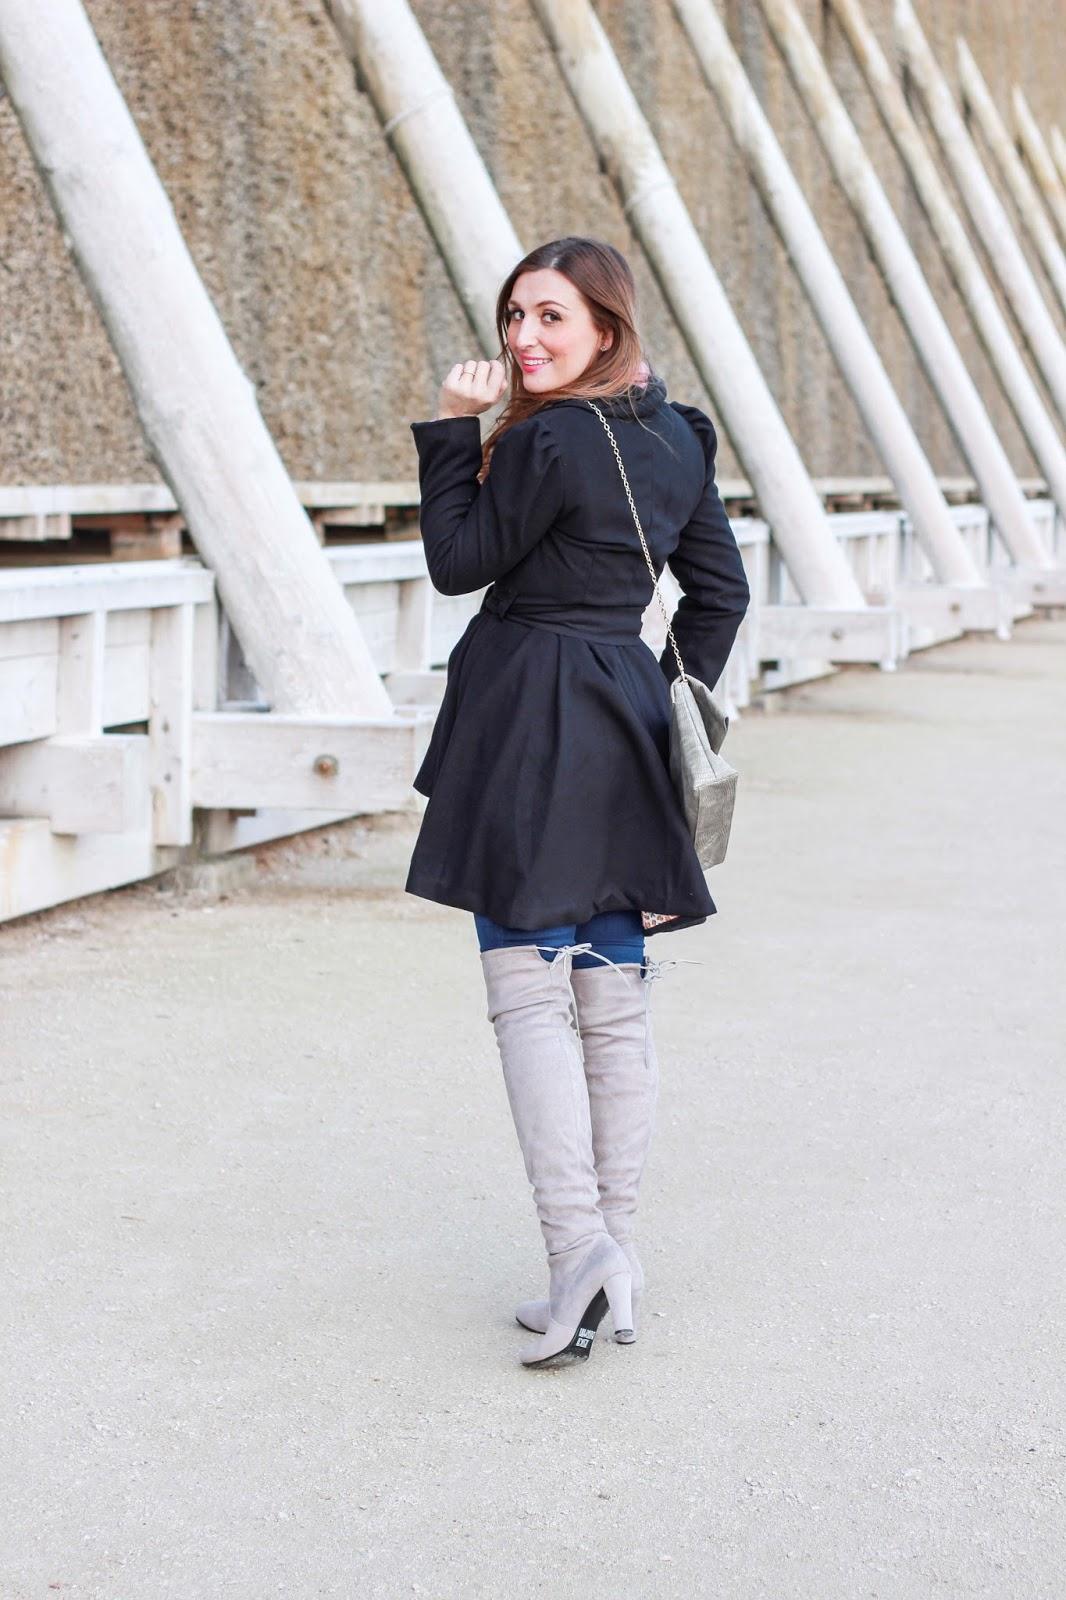 Streetstyle - STreetstyleblogger - Fashionista - Fashionblogger aus Deutschland - Münchner Fashionblogger - Fashionblogger aus München - Fashionblog - Fashionblogger